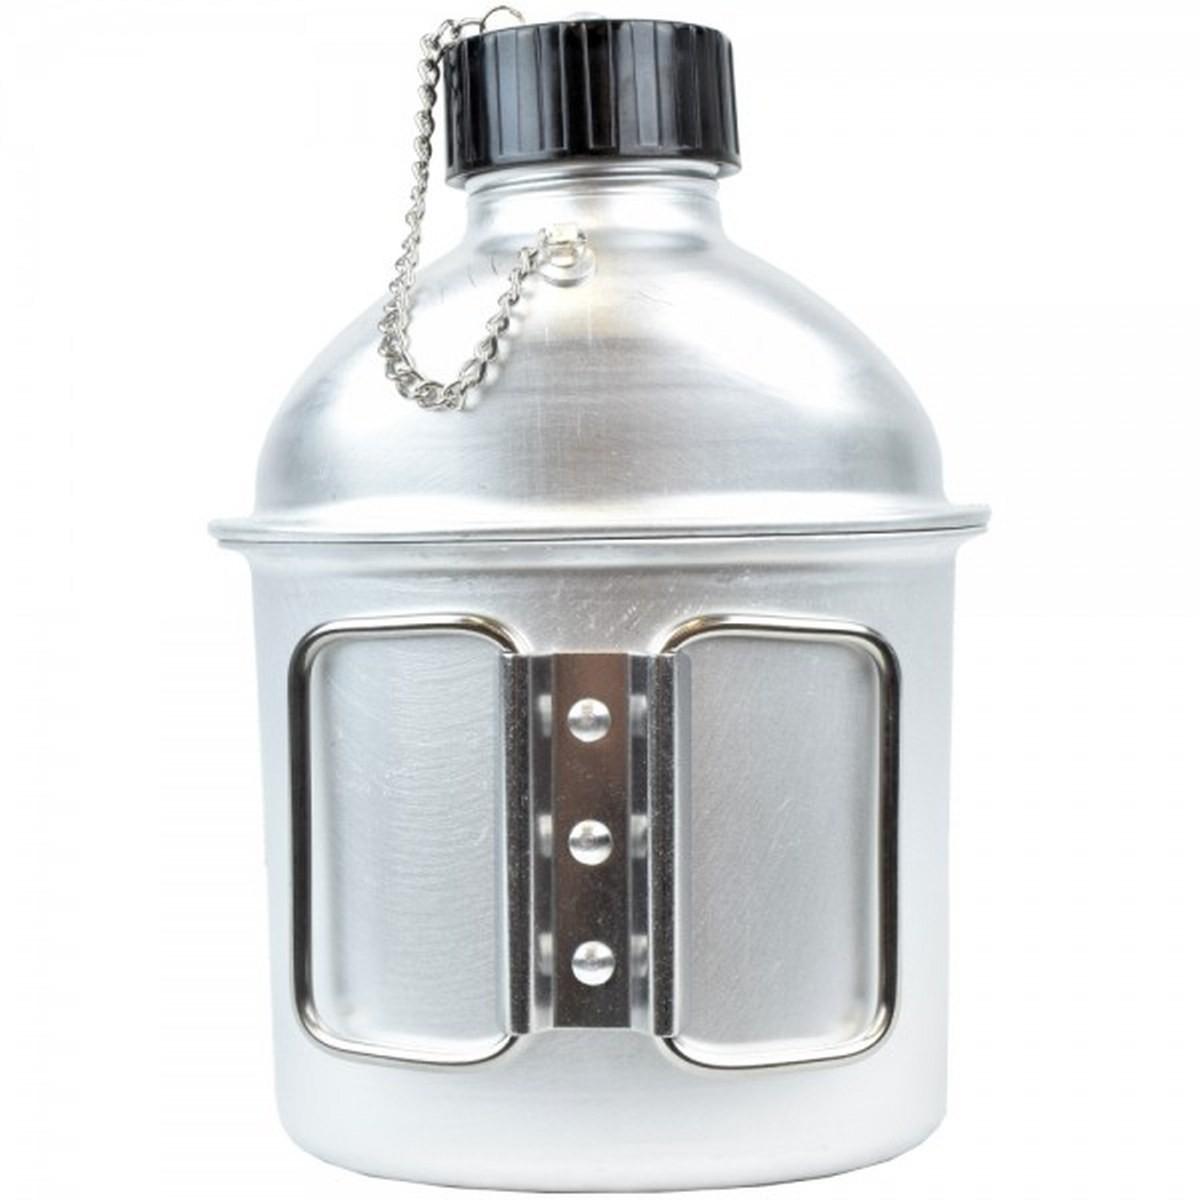 Borraccia Fiaschetta Bottiglia Militare in Alluminio con Tazza Bicchiere 1 Litro